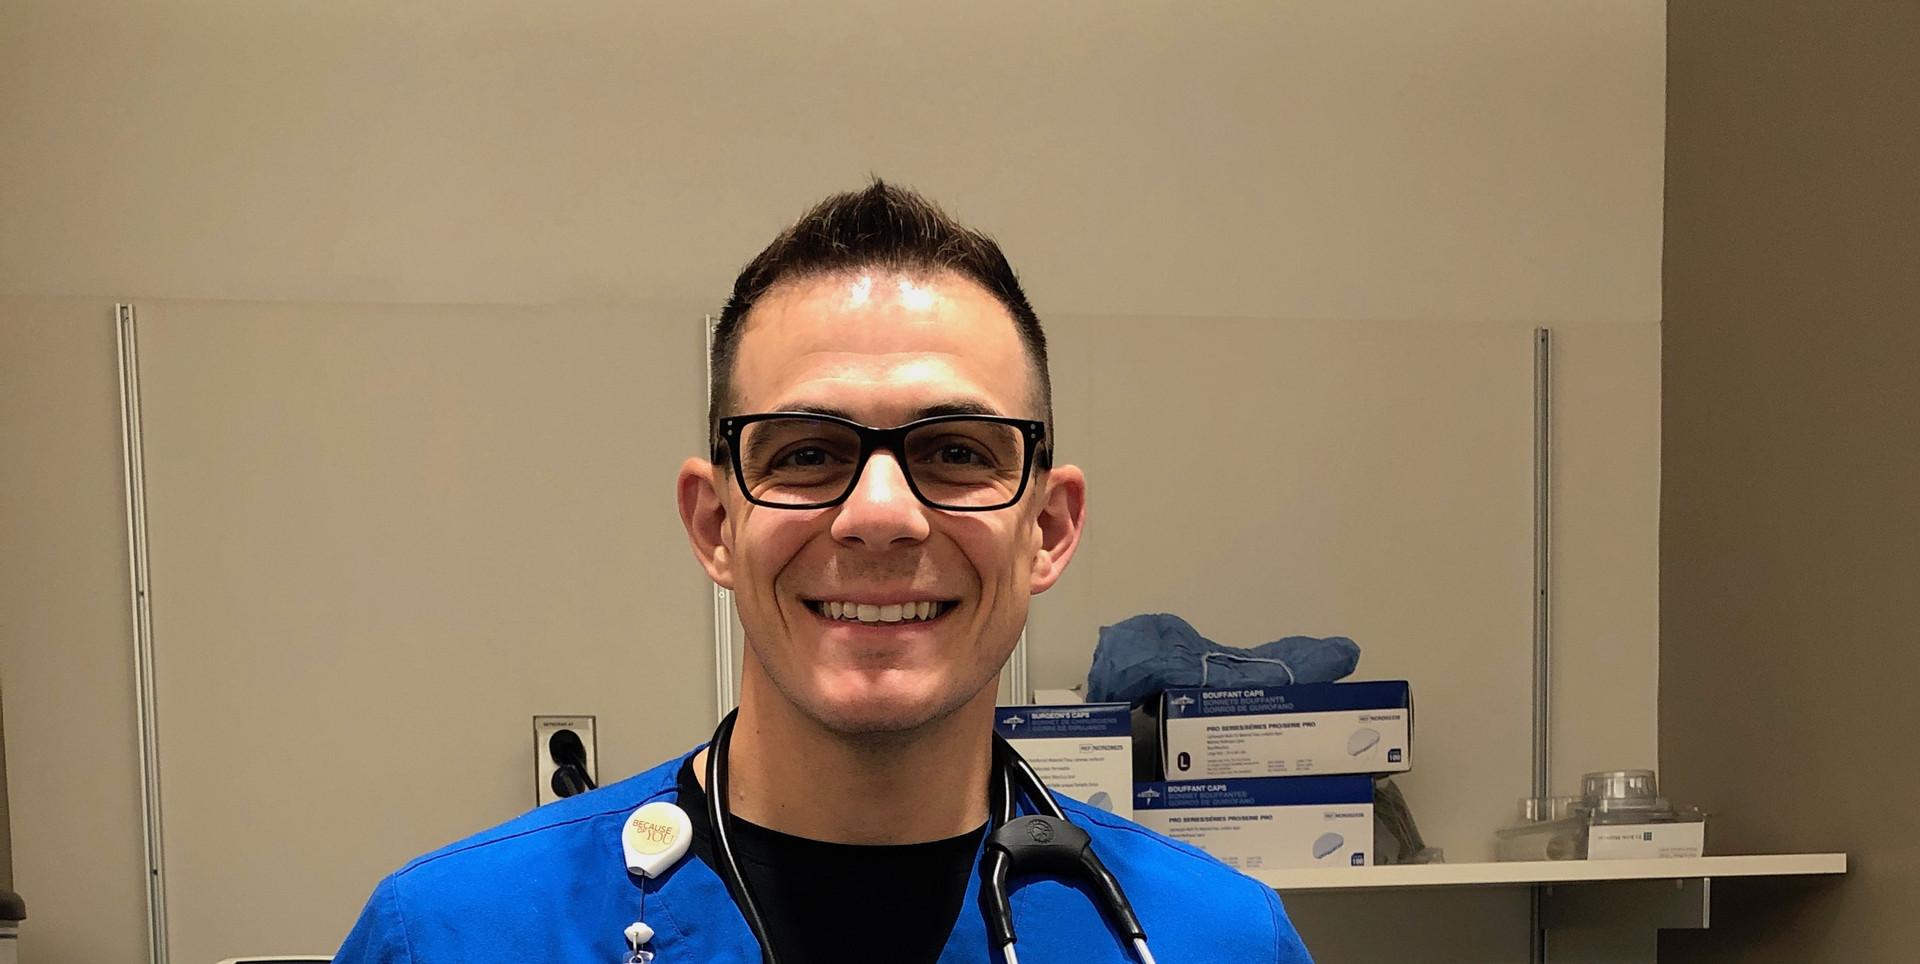 Robert Fields Nurse